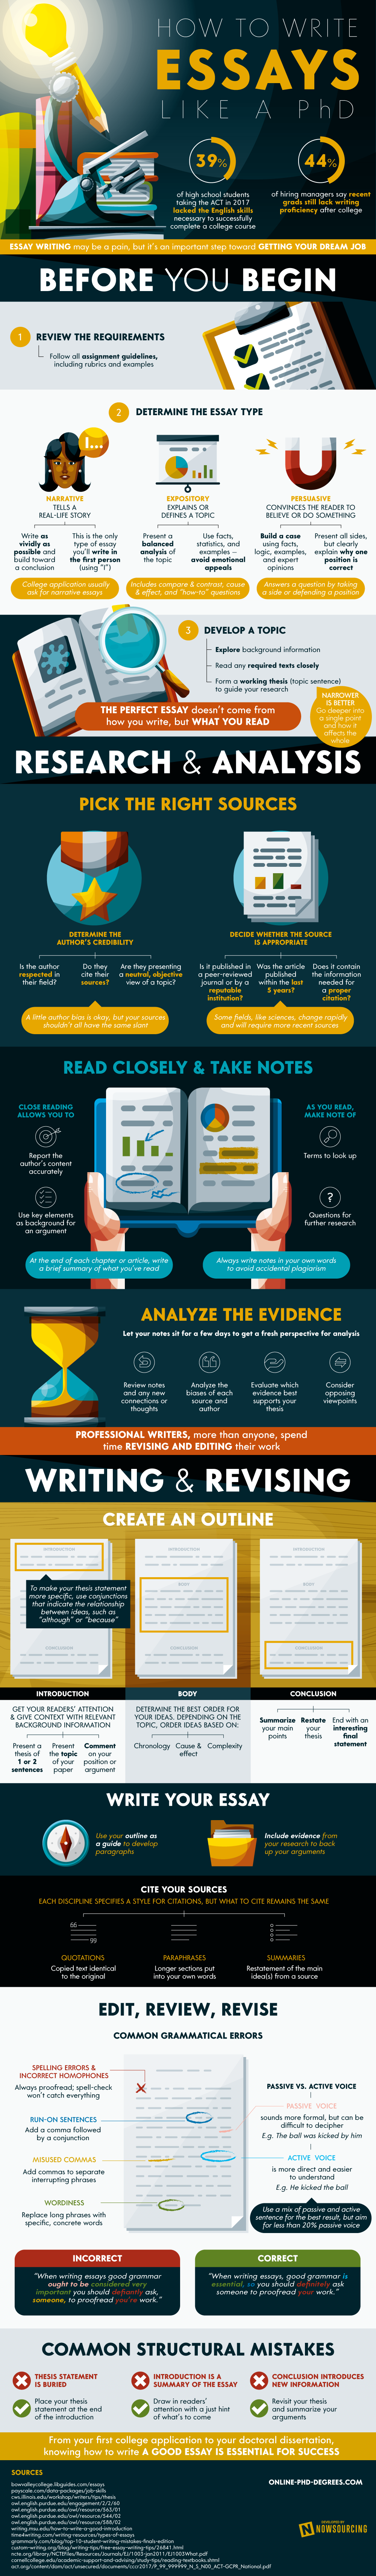 How To Write Essays Like A PhD